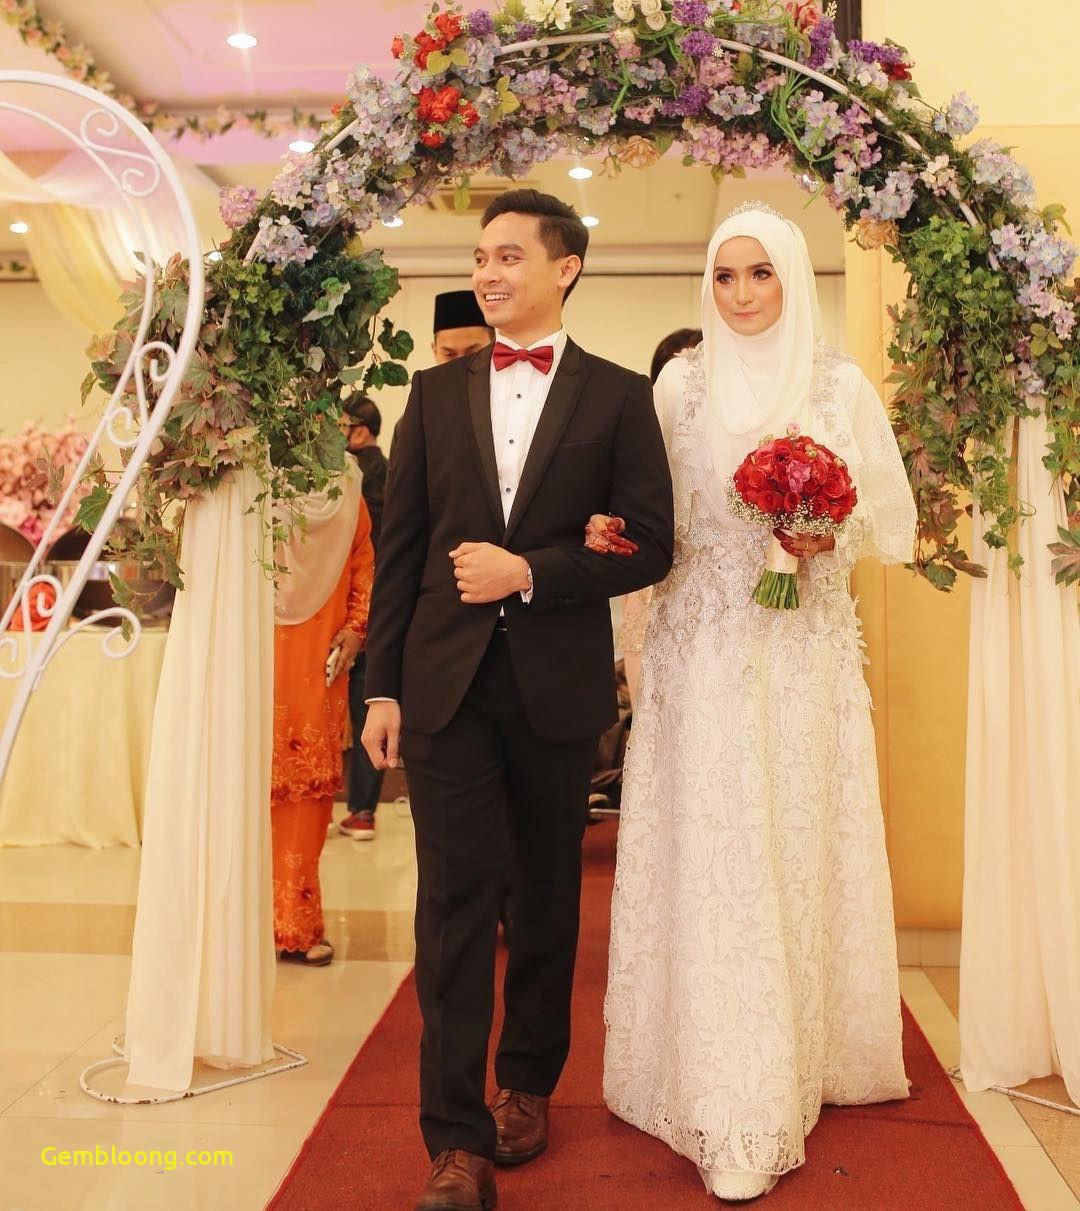 Gaun Pengantin Hijab Minimalis Beautiful 12 Desain Gaun